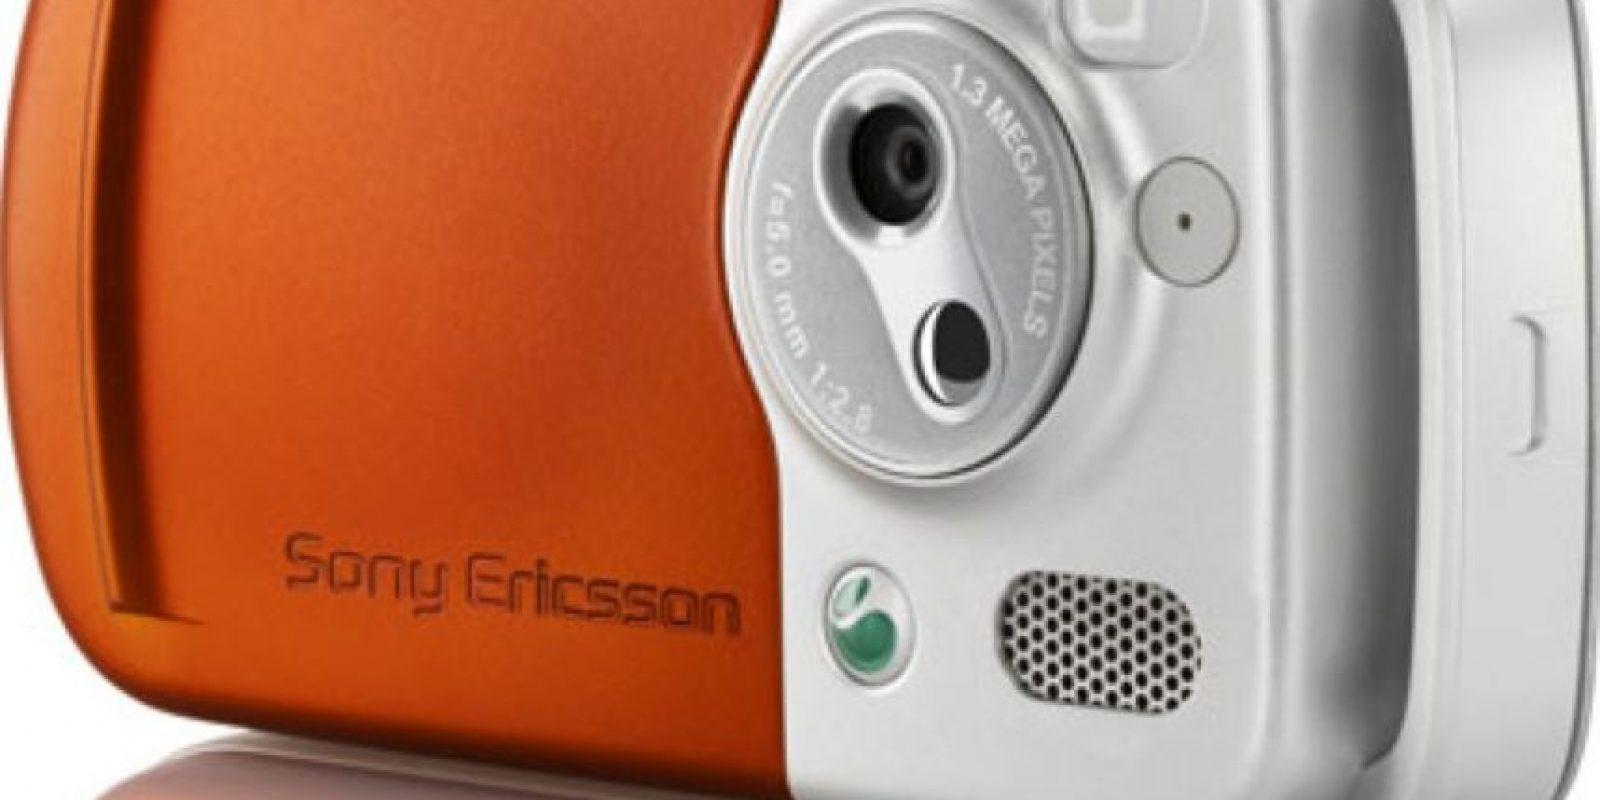 Lanzado en 2005, su principal atractivo era la calidad de sonido de sus altavoces, con los cuales podían reproducir la música que guardaban en su memoria de 256MB y, además, tenía una cámara de 1.3 megapixeles. Foto:Sony